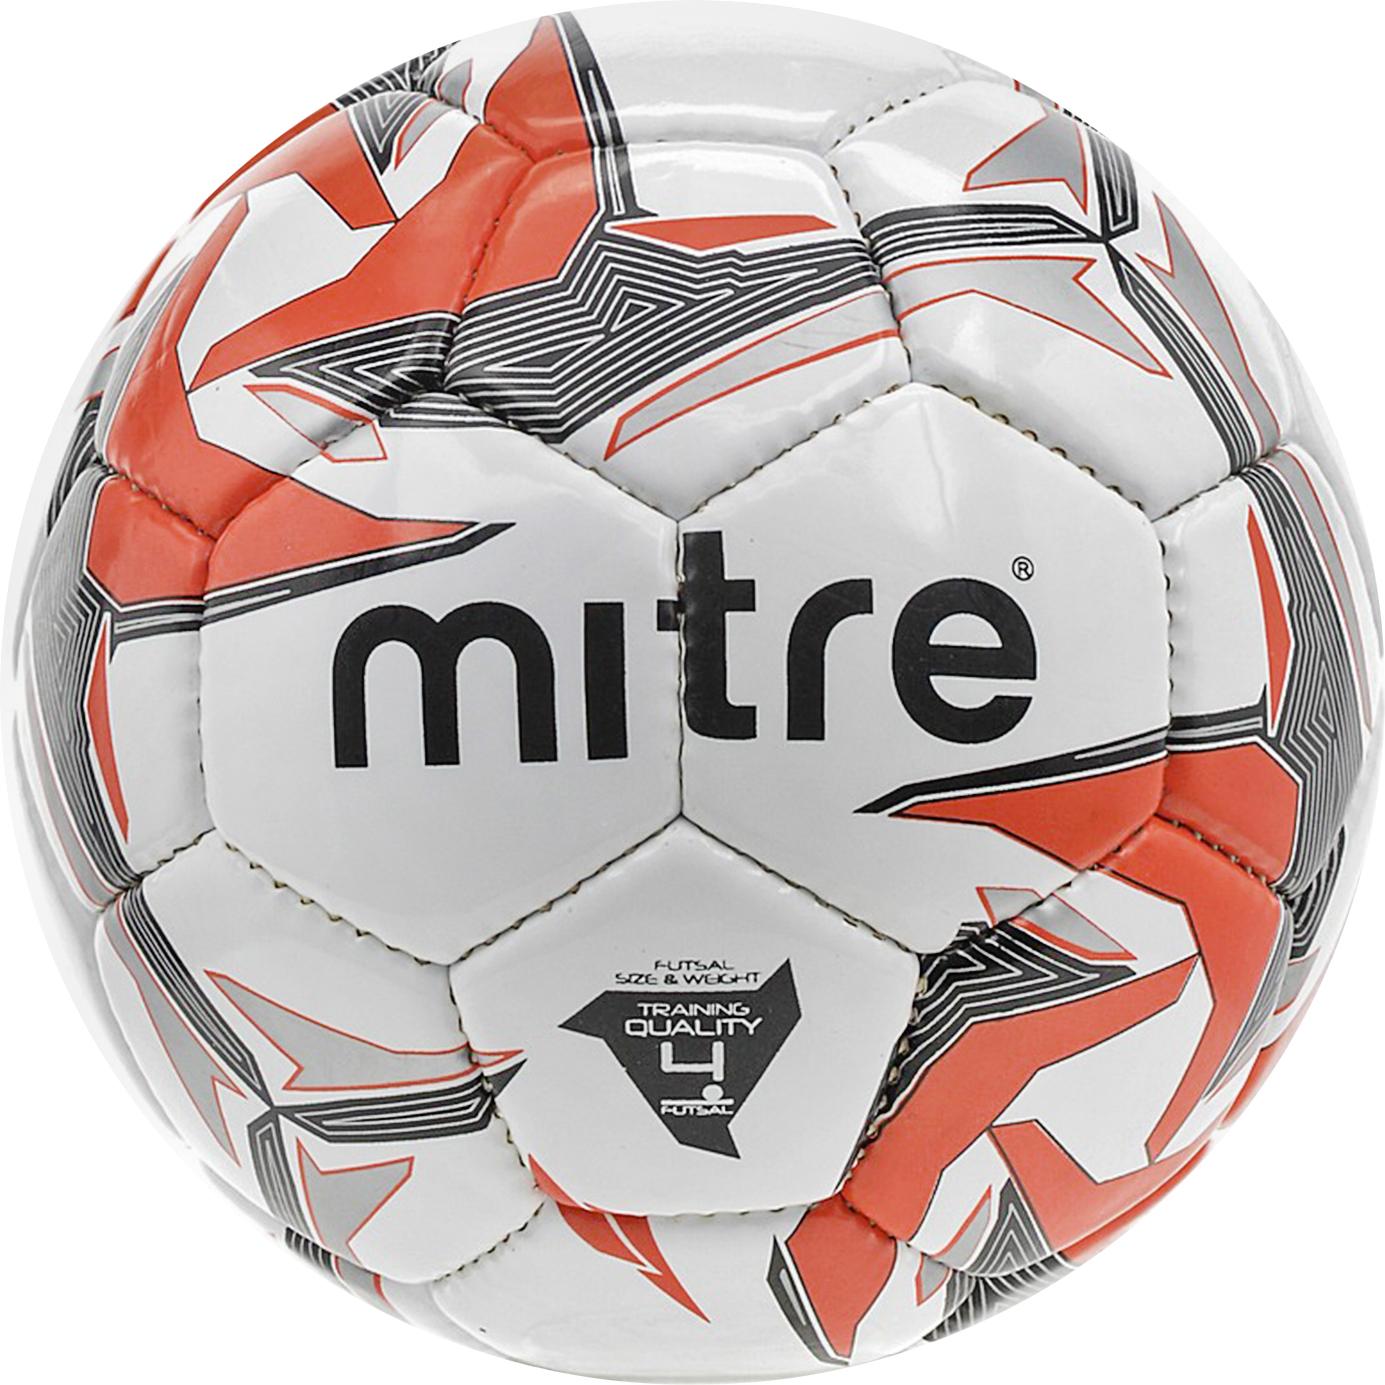 Мяч футбольный Mitre Futsal Tempest. Размер 4BB1354WD6Футзальный мяч Ручная сшивка Бутиловая камера надолго сохраняет давление Глянцевое покрытие Низкий первый отскок 30% Размер 4 Панелей 32 Самая экономичная цена среди брендовых мячей